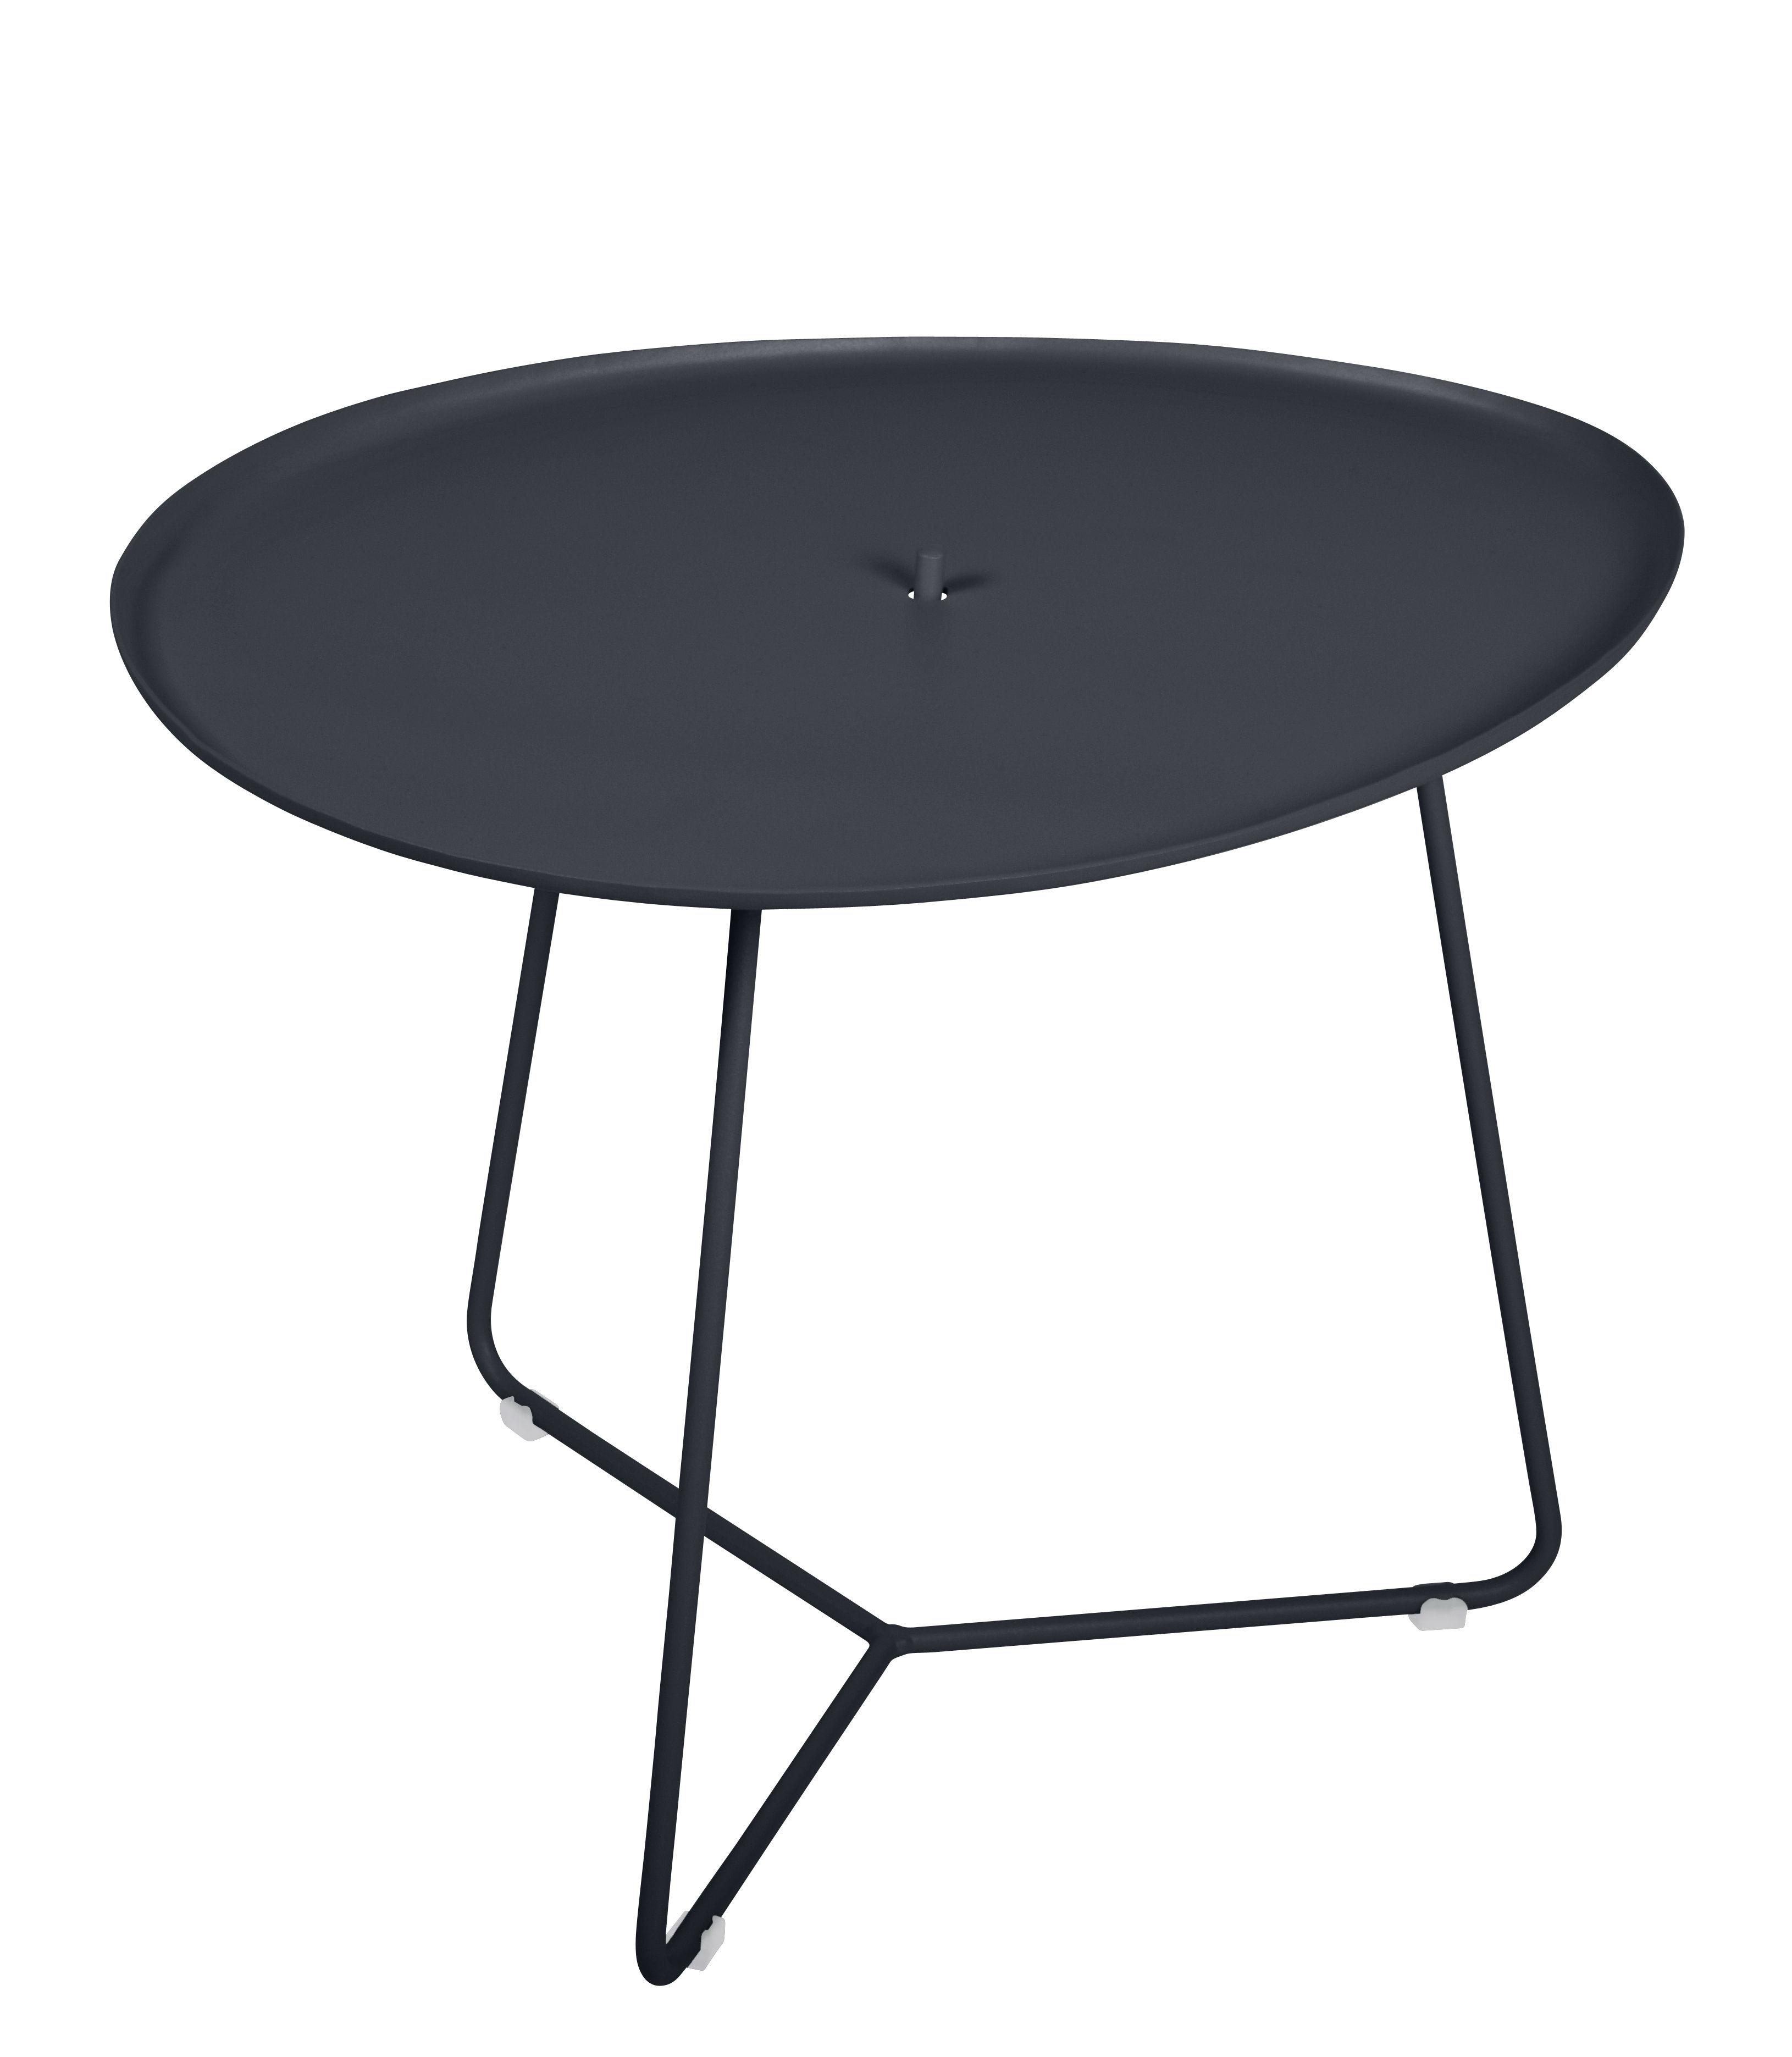 Mobilier - Tables basses - Table basse Cocotte / L 55 x H 43,5 cm - Plateau amovible - Fermob - Carbone - Acier peint